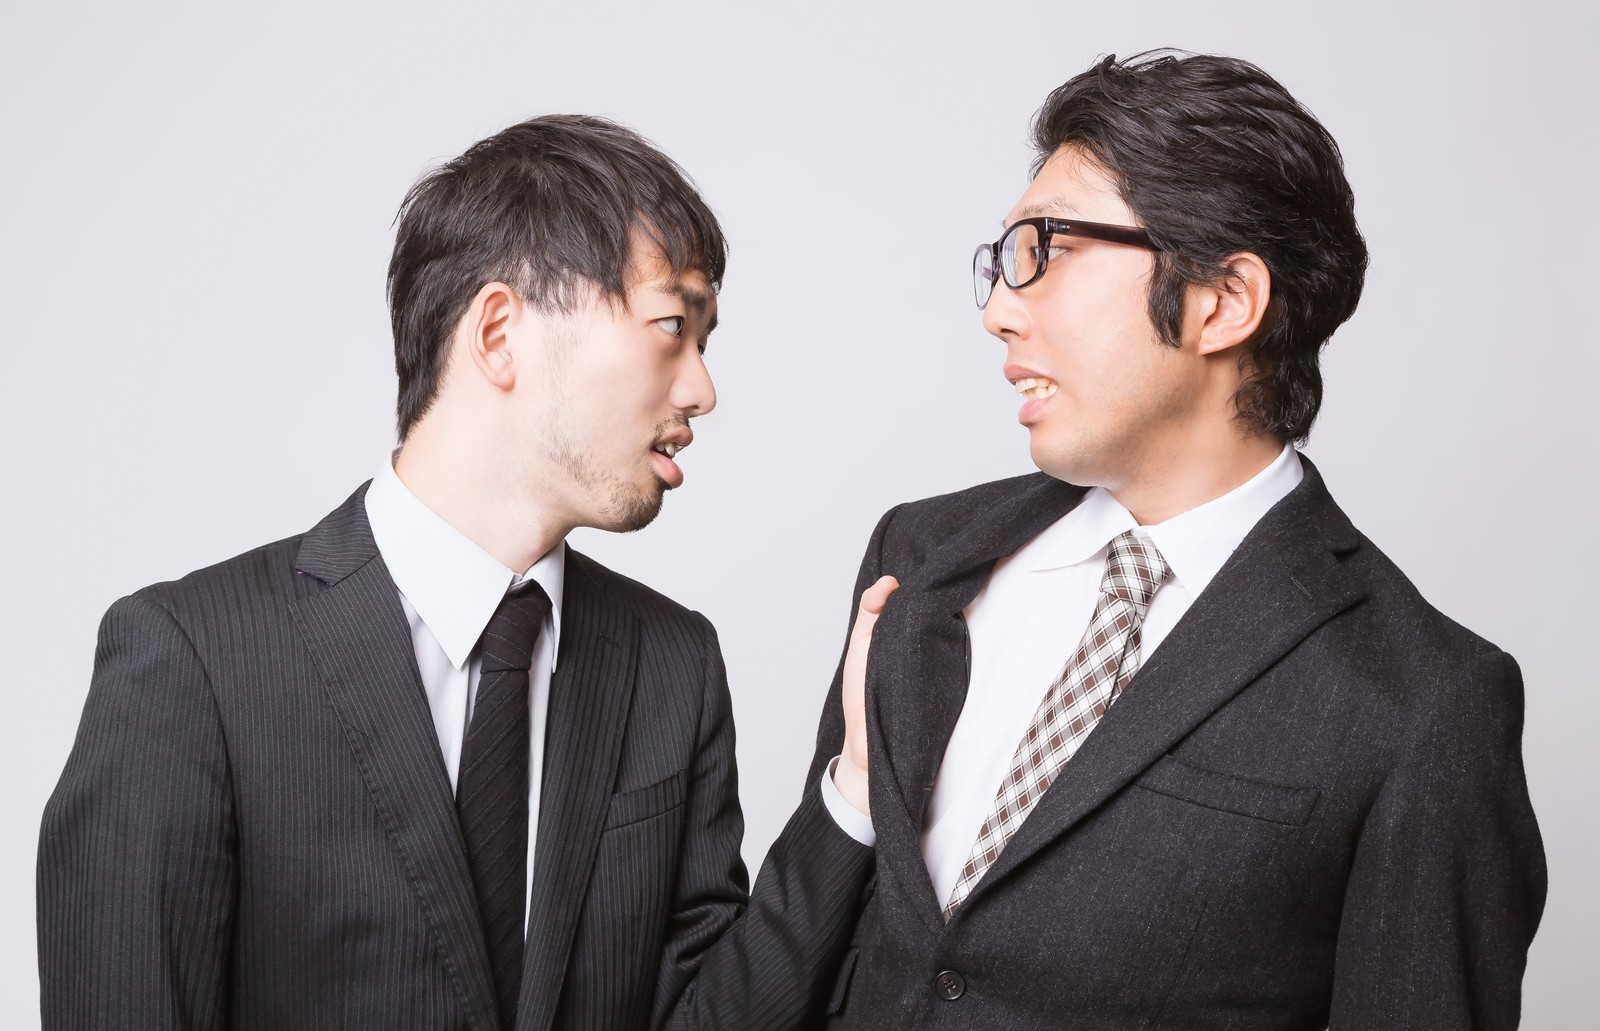 「『こんな会社辞めてやる!』と上司に食らいつく部下 | ぱくたそフリー素材」の写真[モデル:ひろゆき 紳さん]